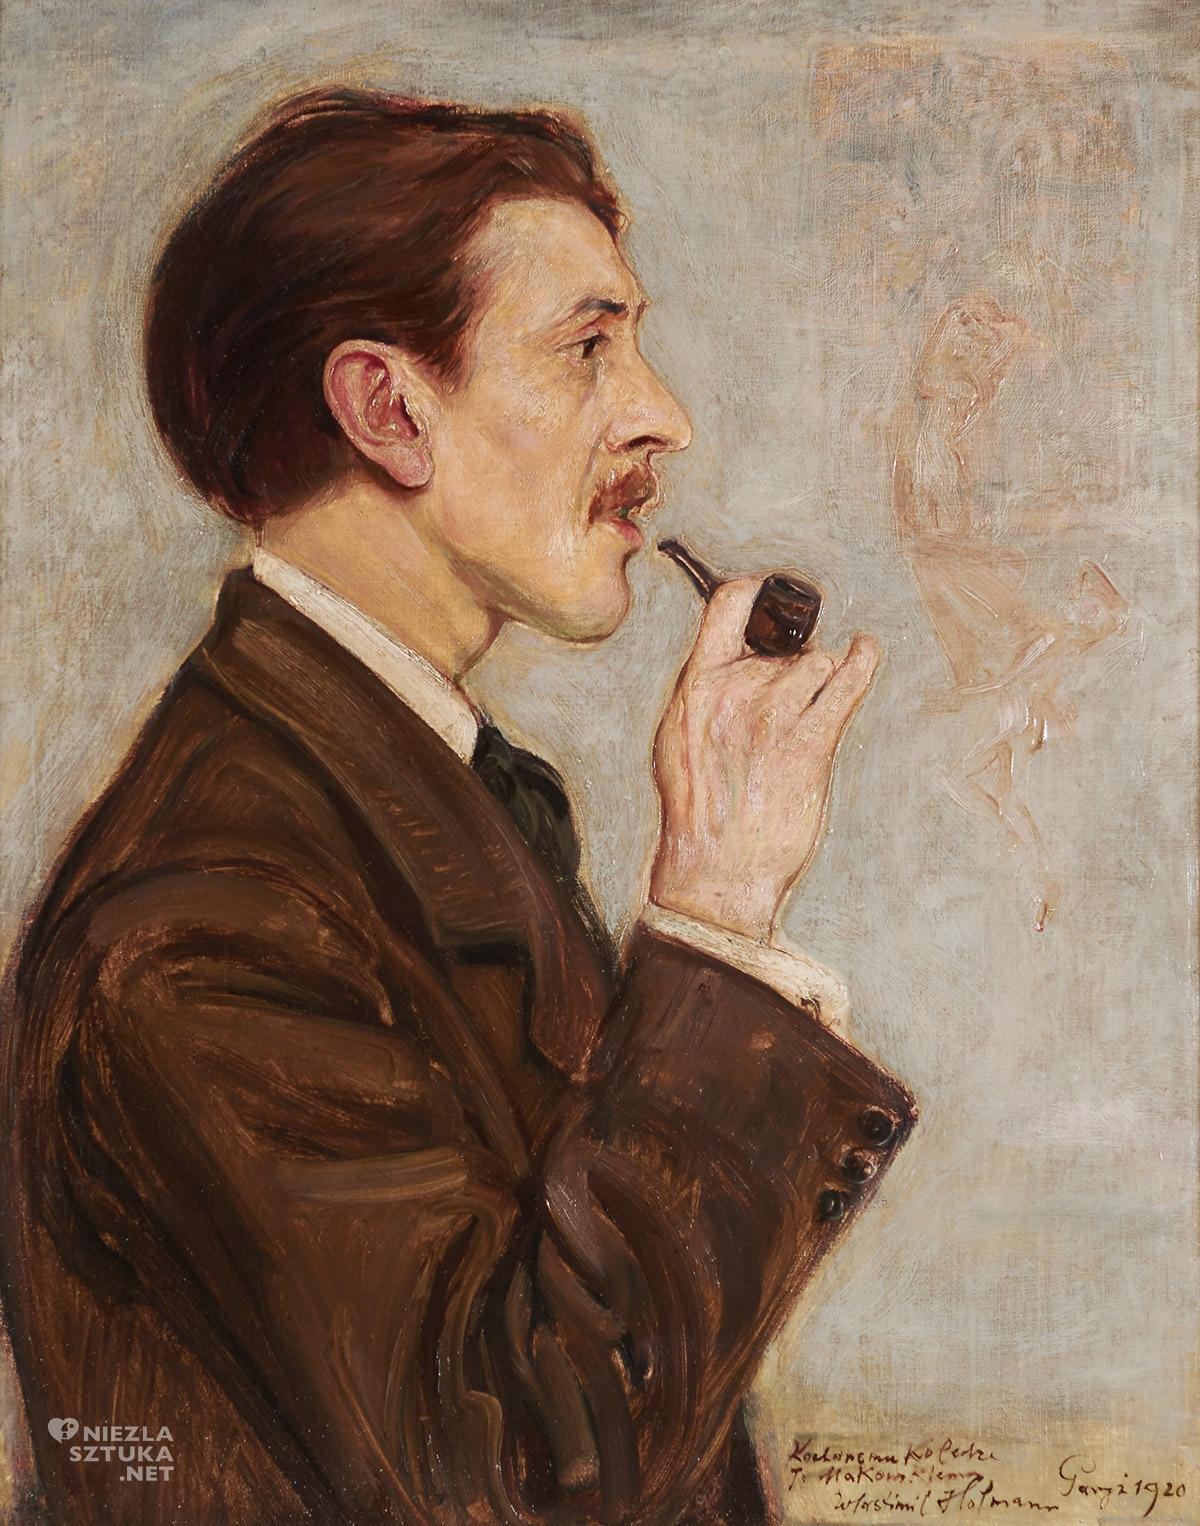 Wlastimil Hofman, Portret Tadeusza Makowskiego, sztuka polska, malarstwo polskie, portret malarza, Niezła Sztuka